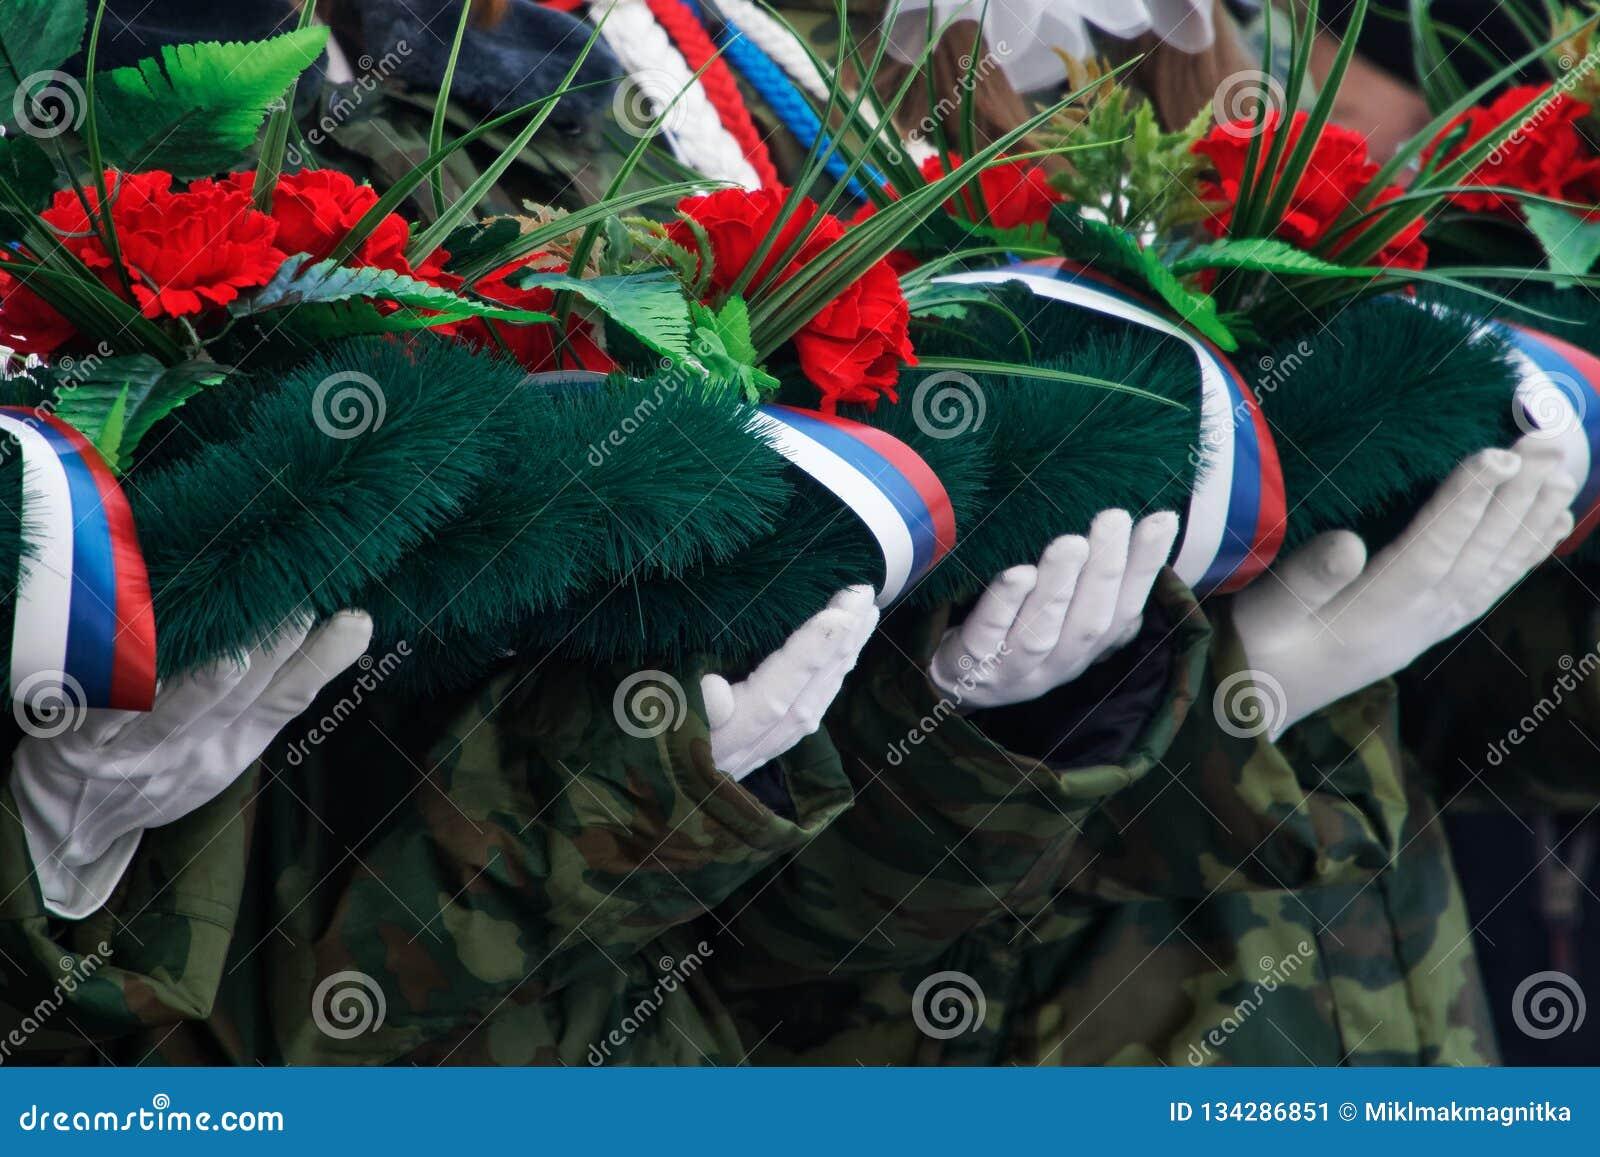 白手套的手拿着一个花圈和花以记念在战争和武力冲突中杀害的那些